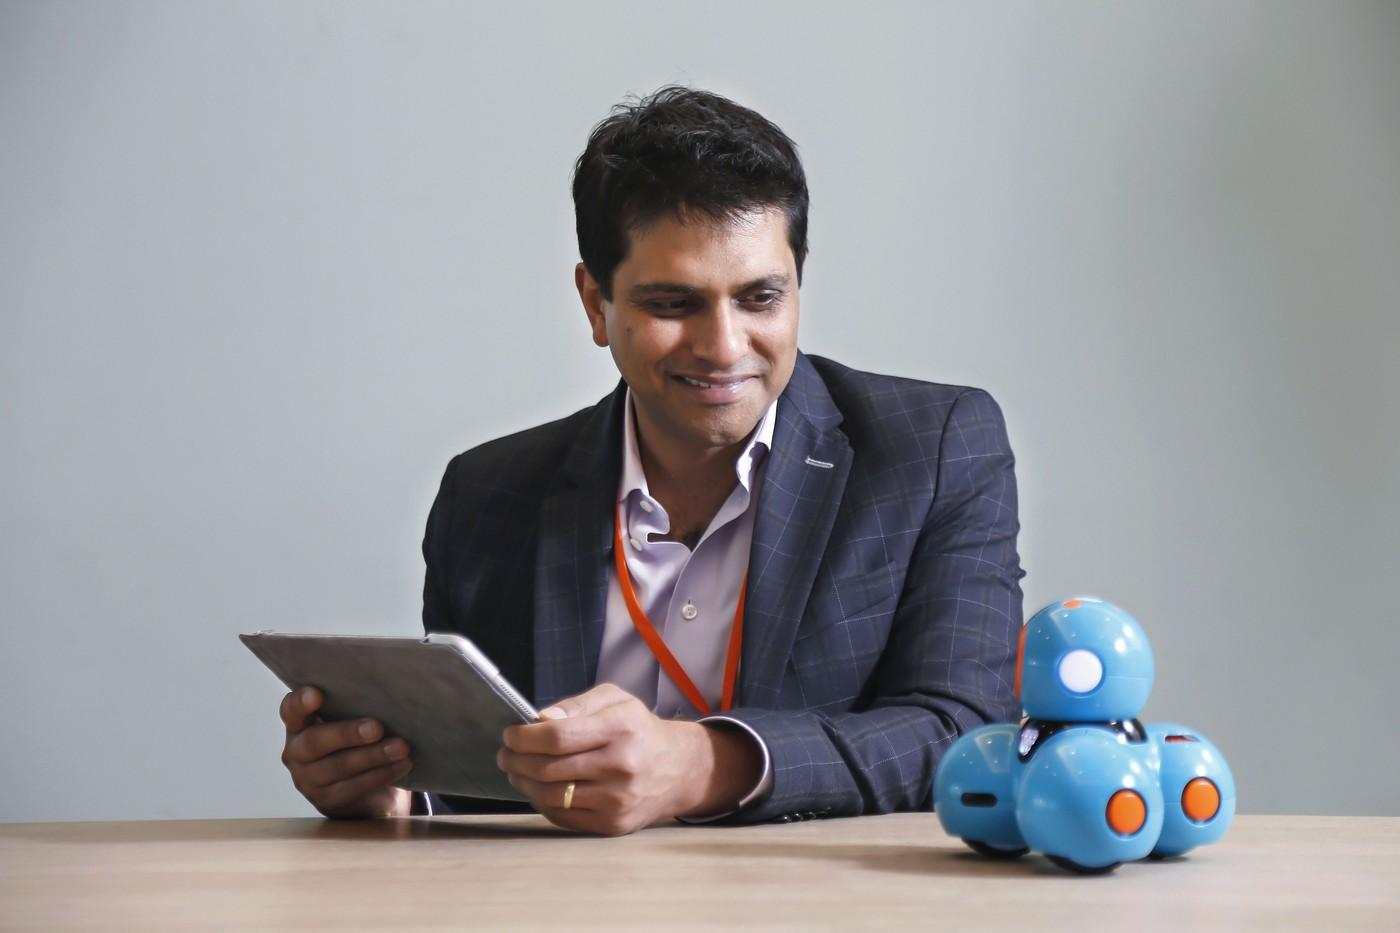 矽谷教育機器人創業家VIkas Gupta給台灣家長的話:理解程式才能理解世界